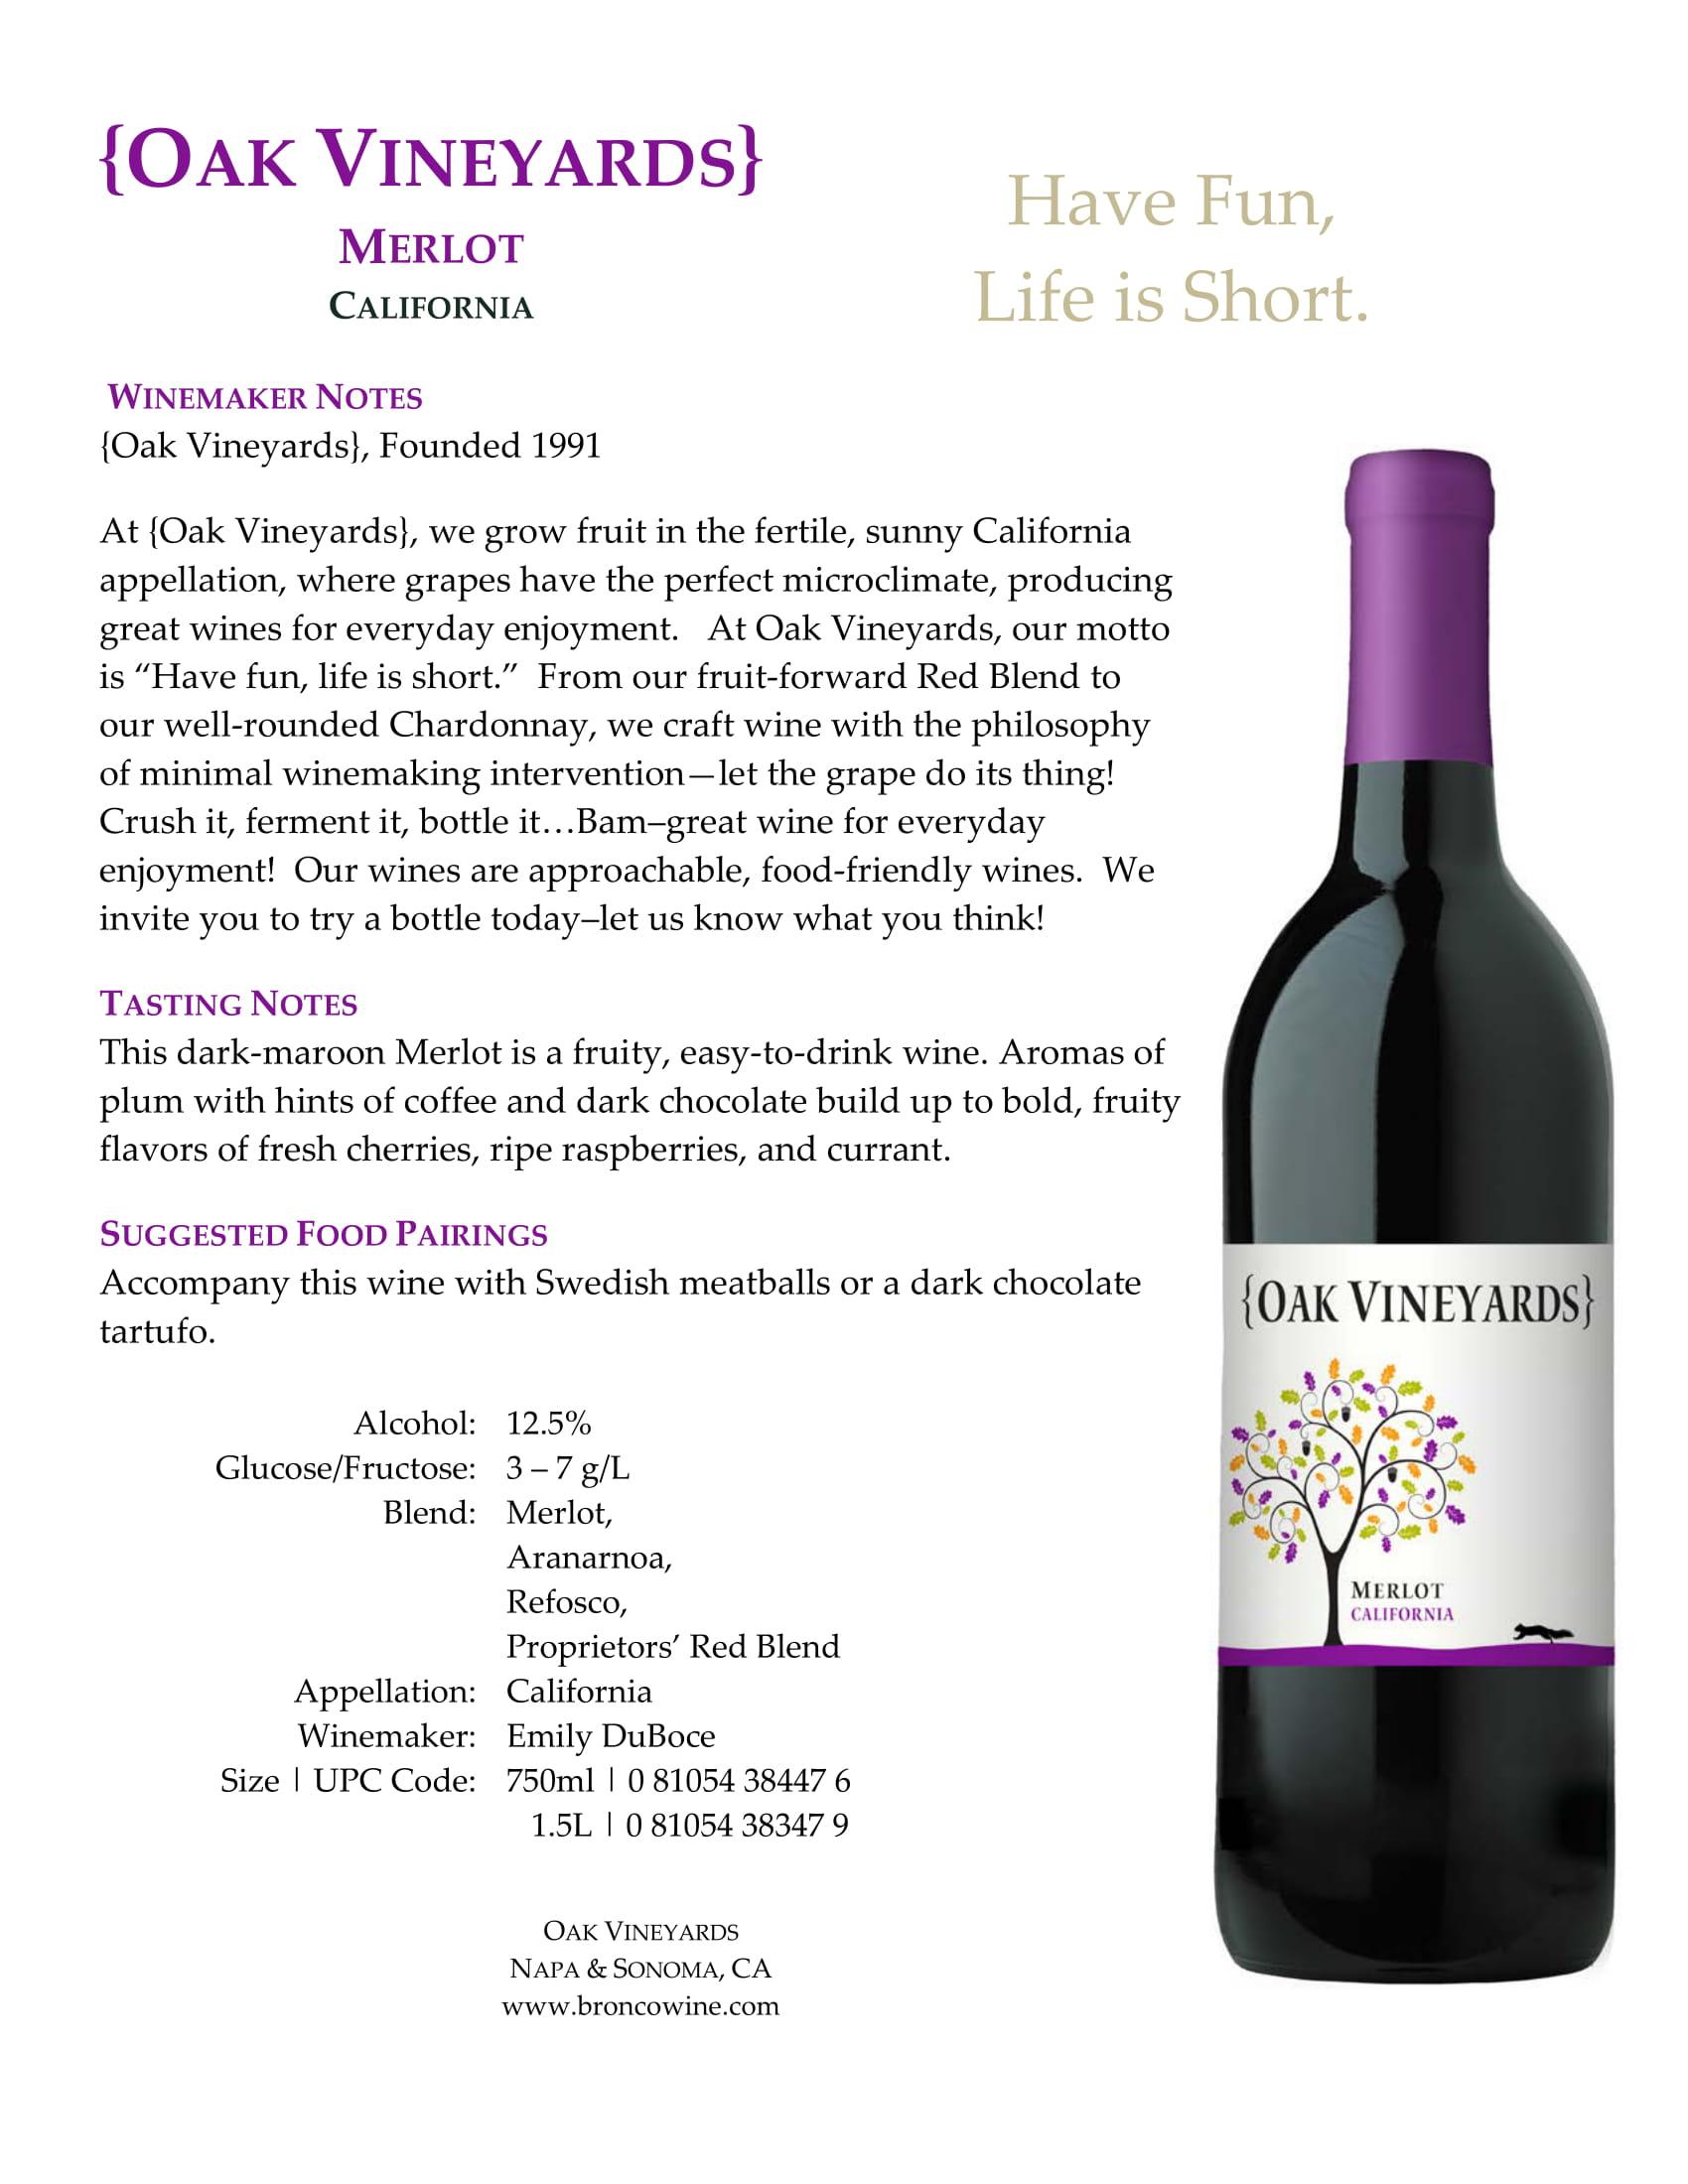 Oak Vineyards Merlot Tech Sheet